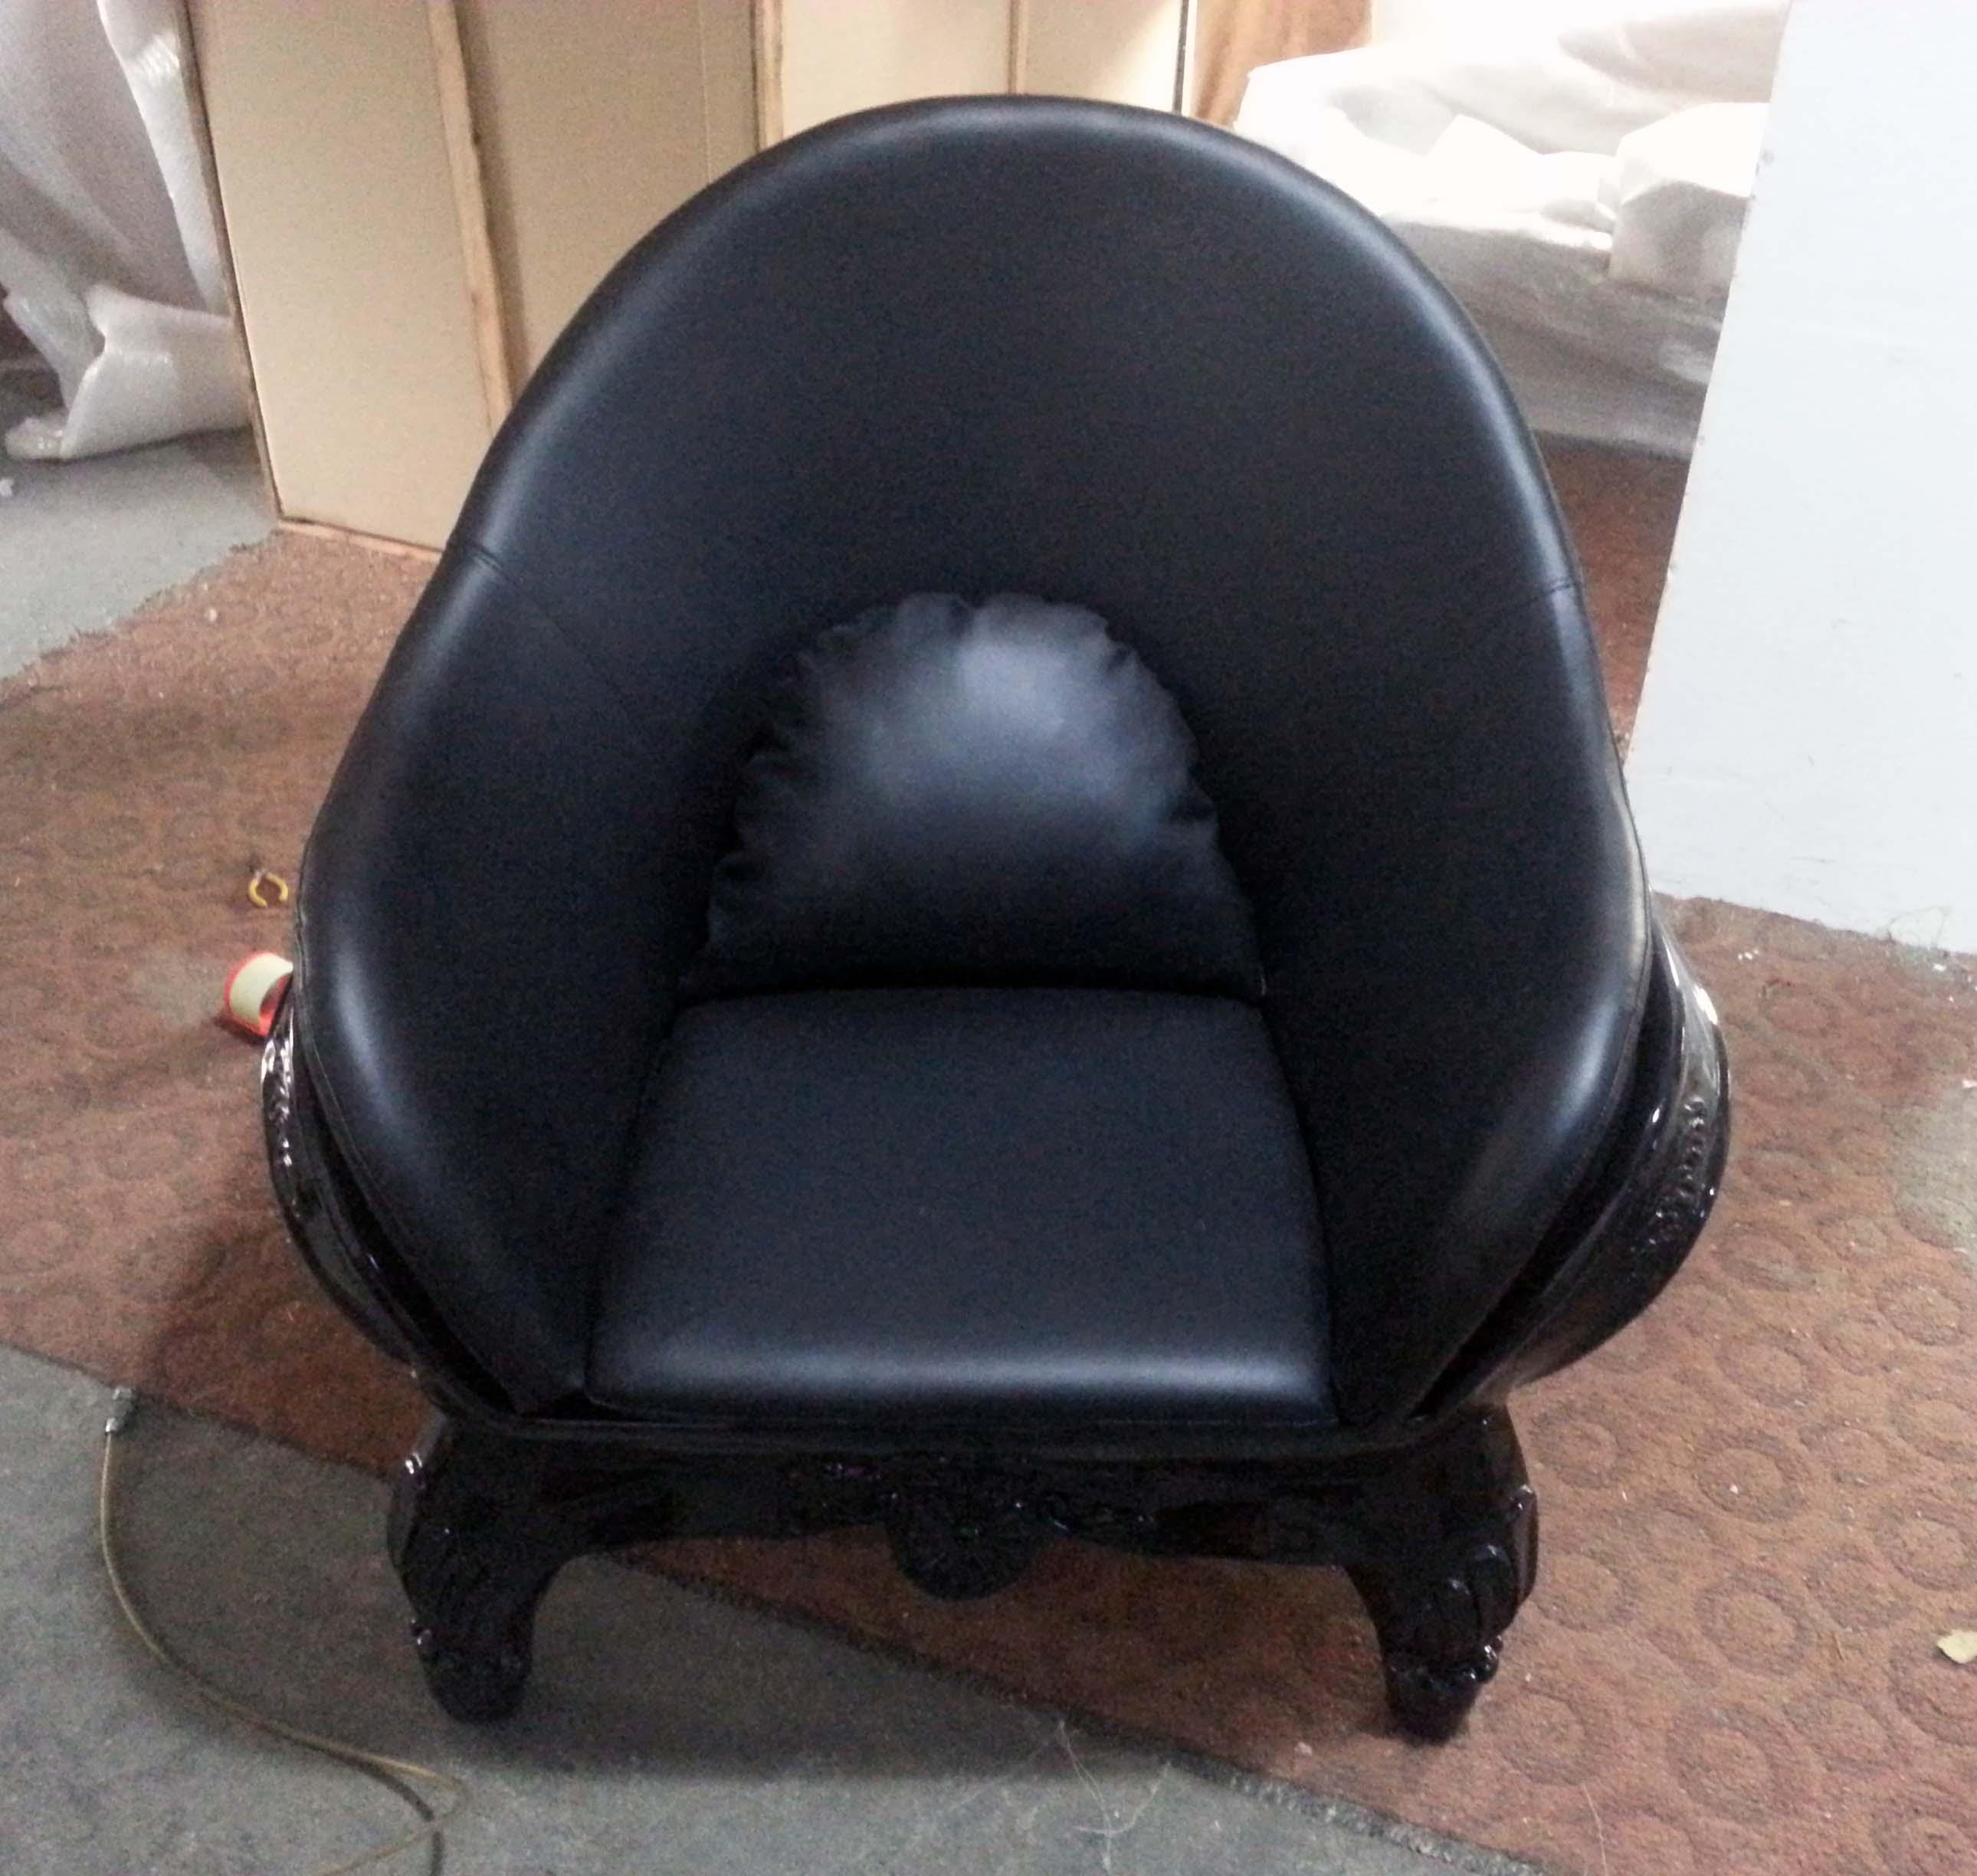 Maximo Riera 骷髅头椅 骷髅头沙 玻璃钢骷髅头创意椅骷髅头雕塑